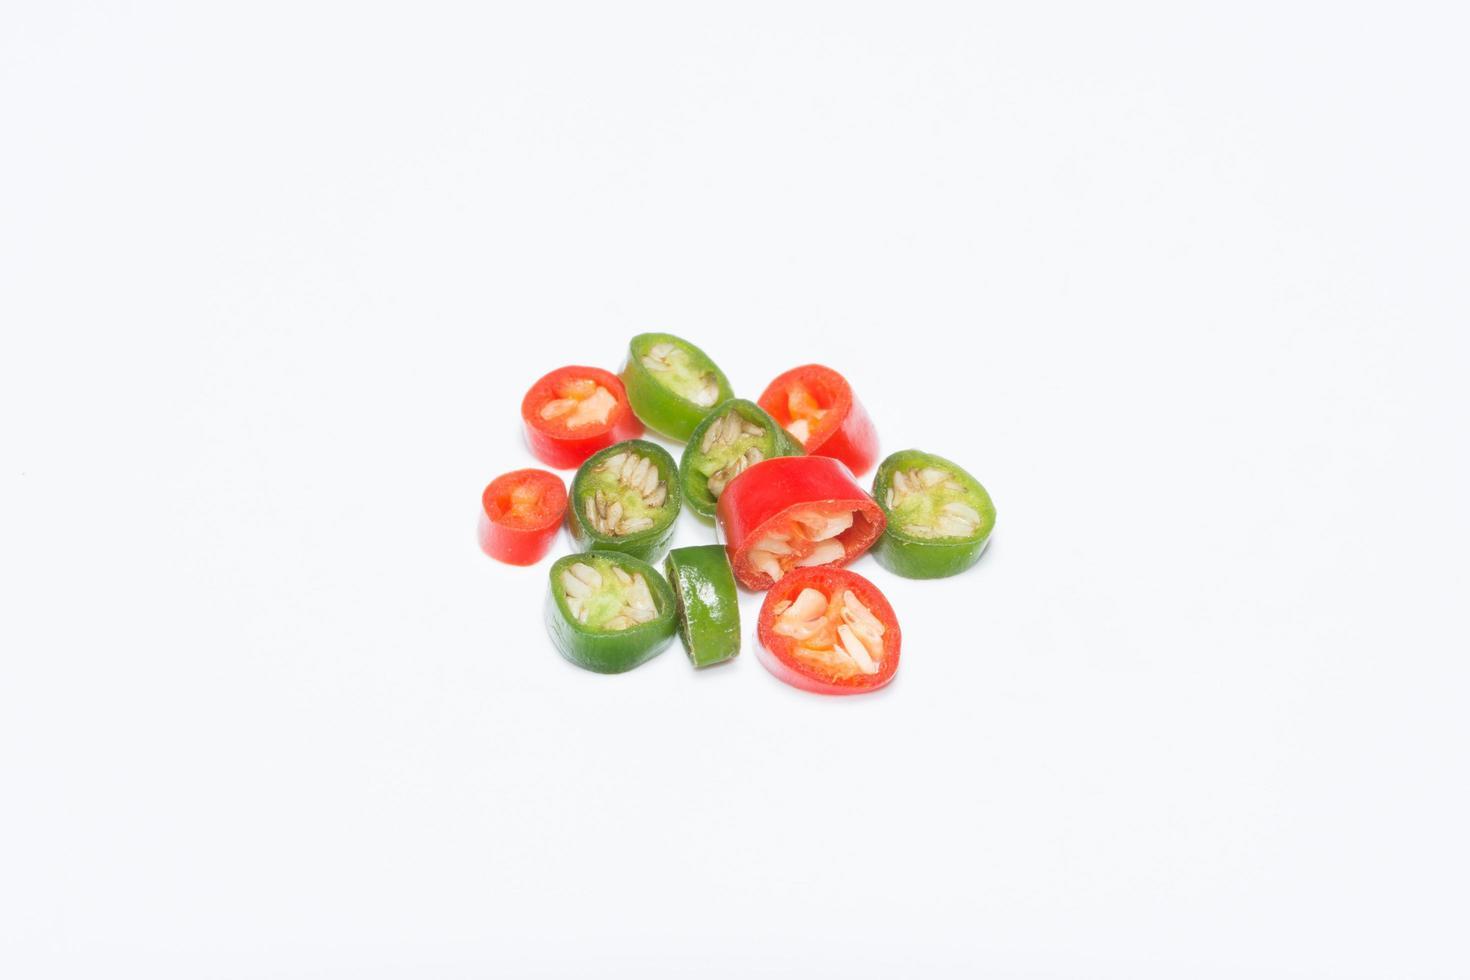 Chili, sliced on white background photo